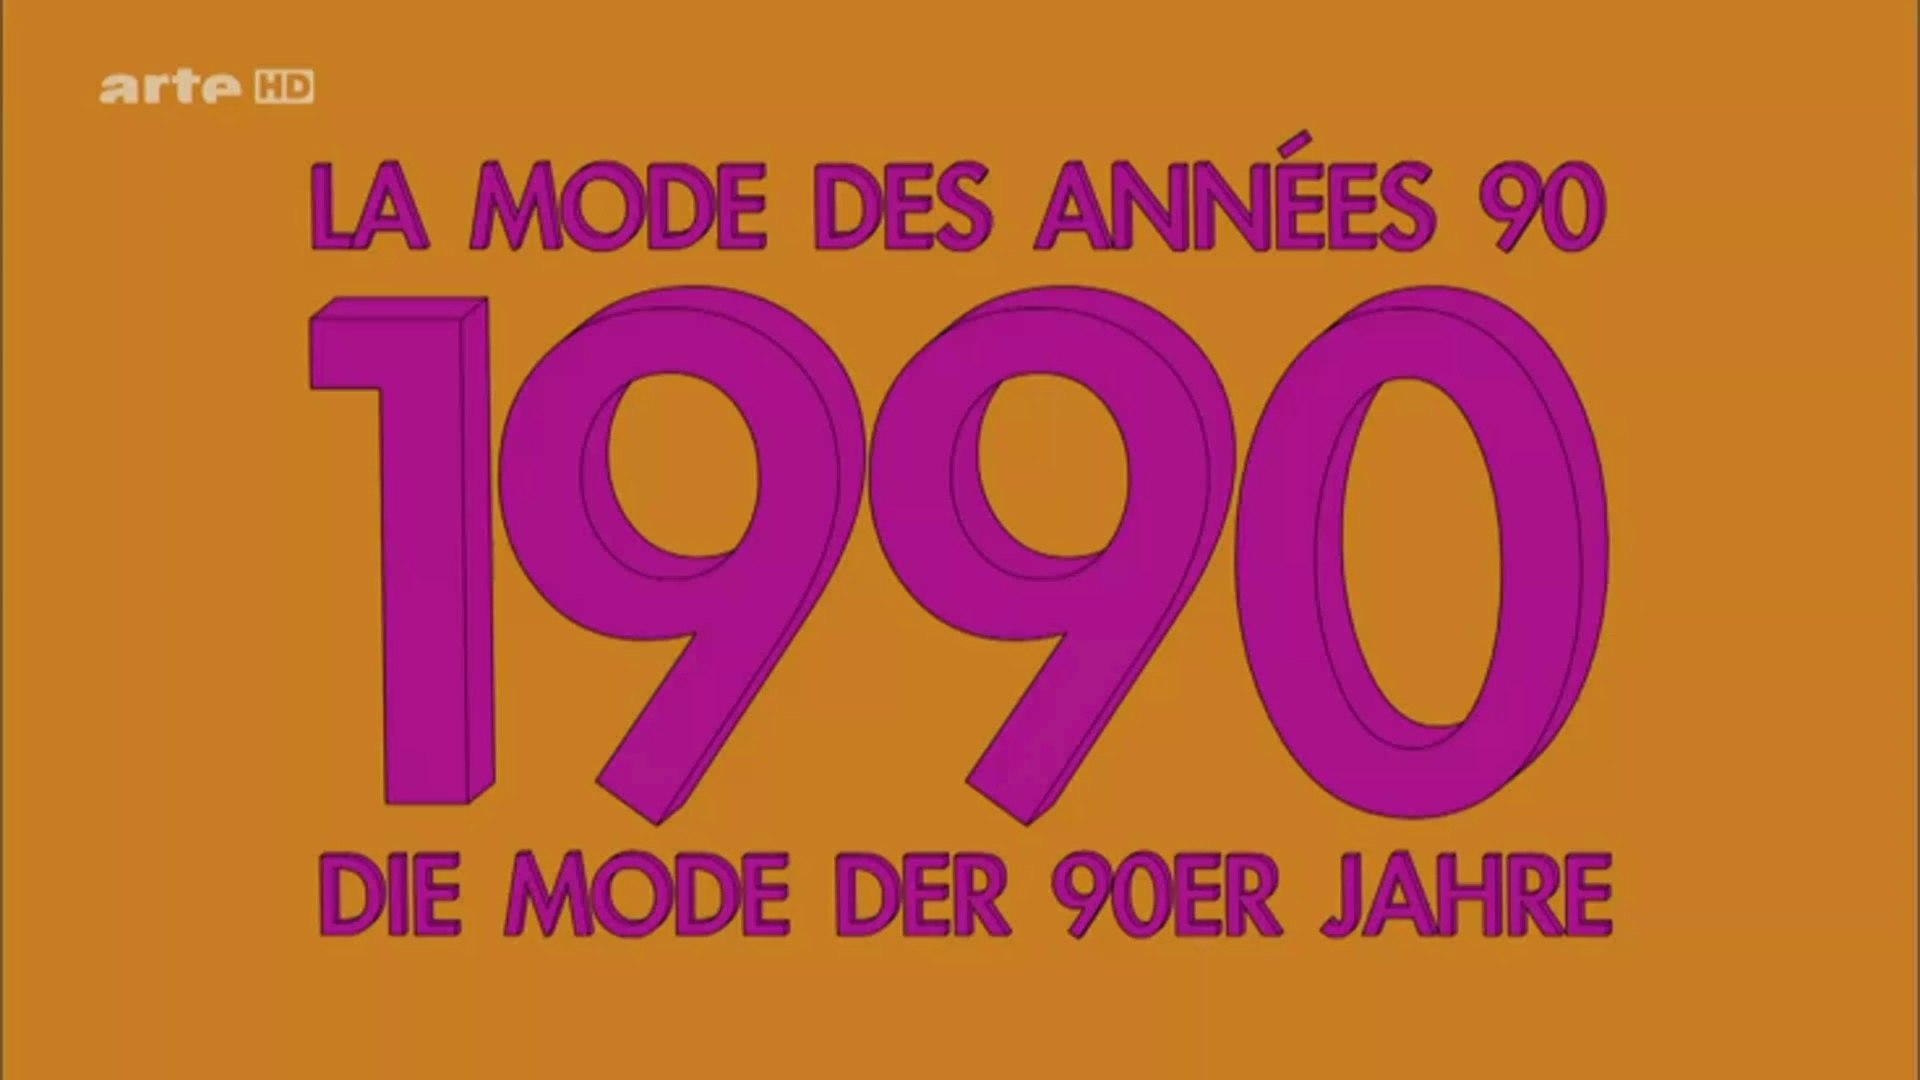 mode der 90er jahre